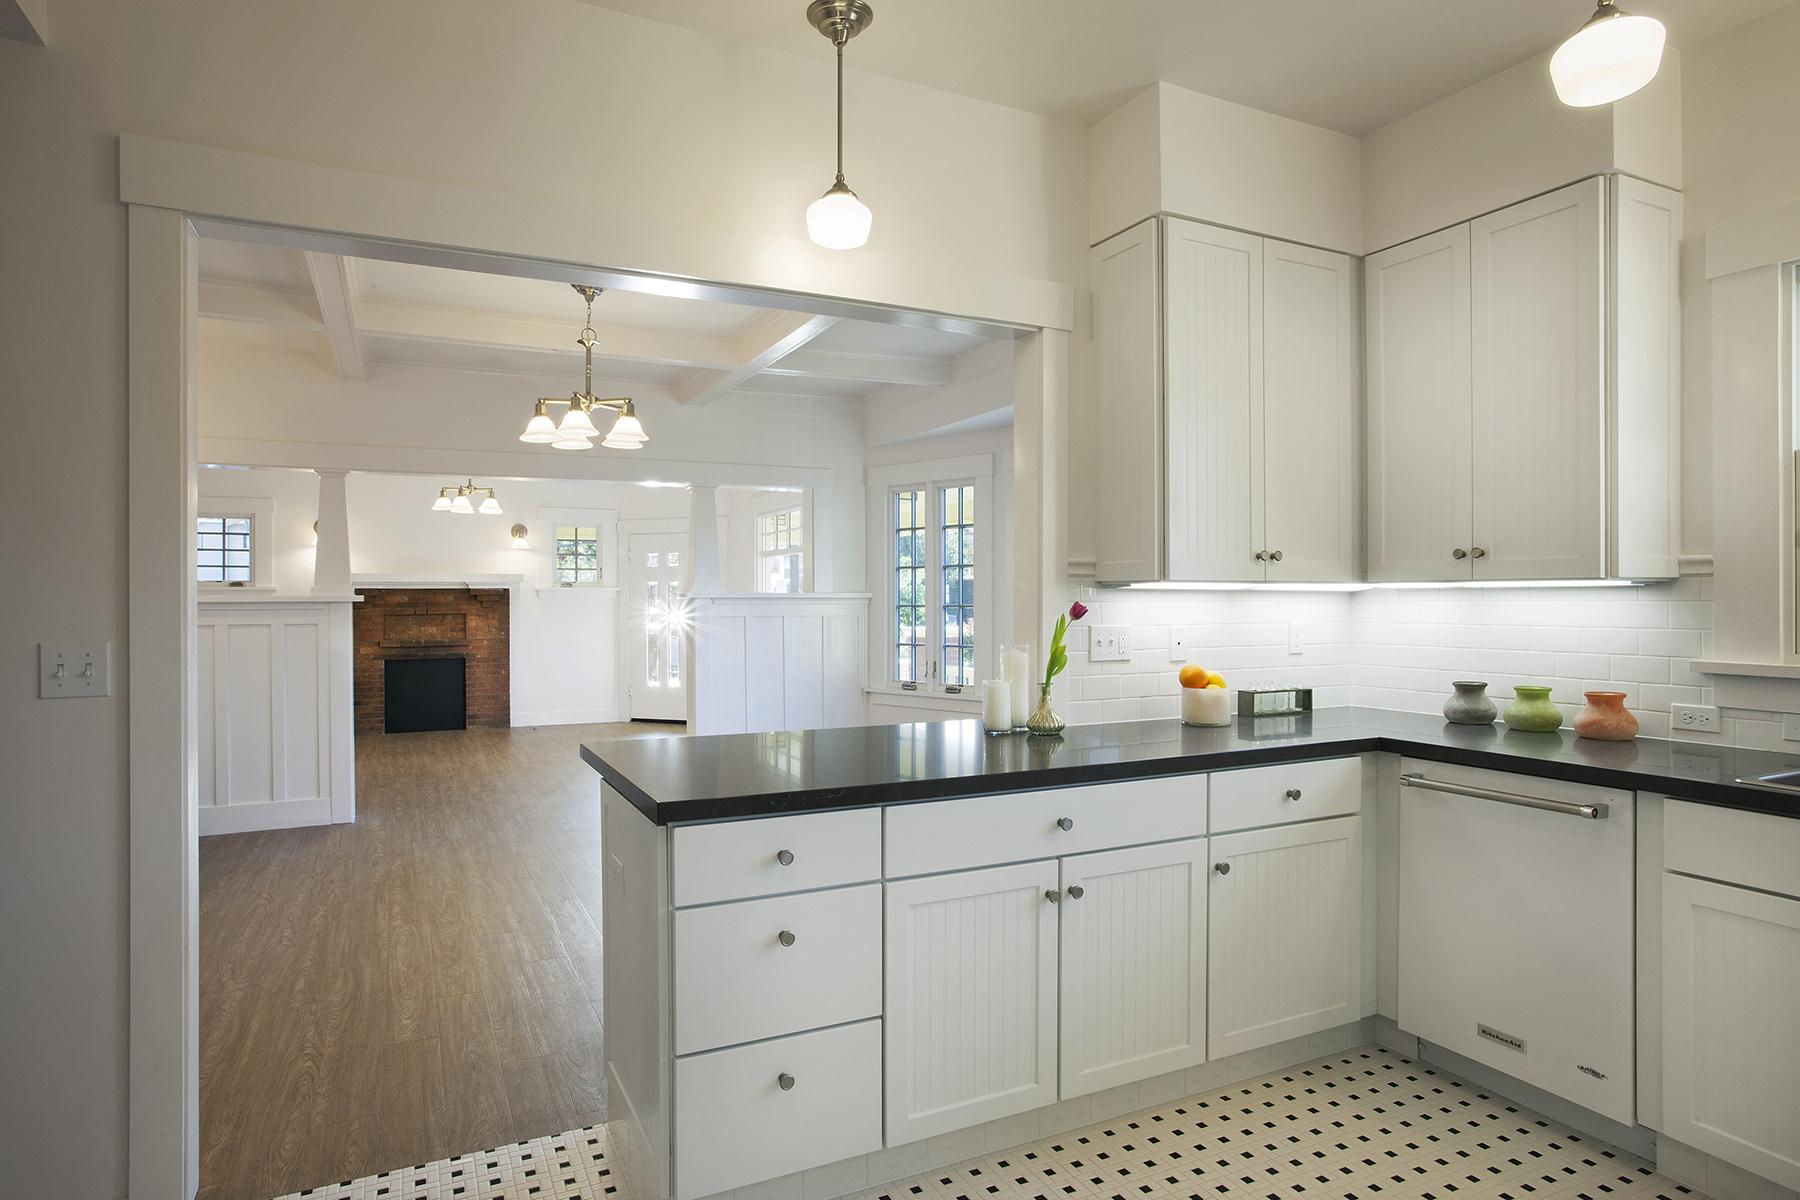 interior-home-remodel-santa-barbara